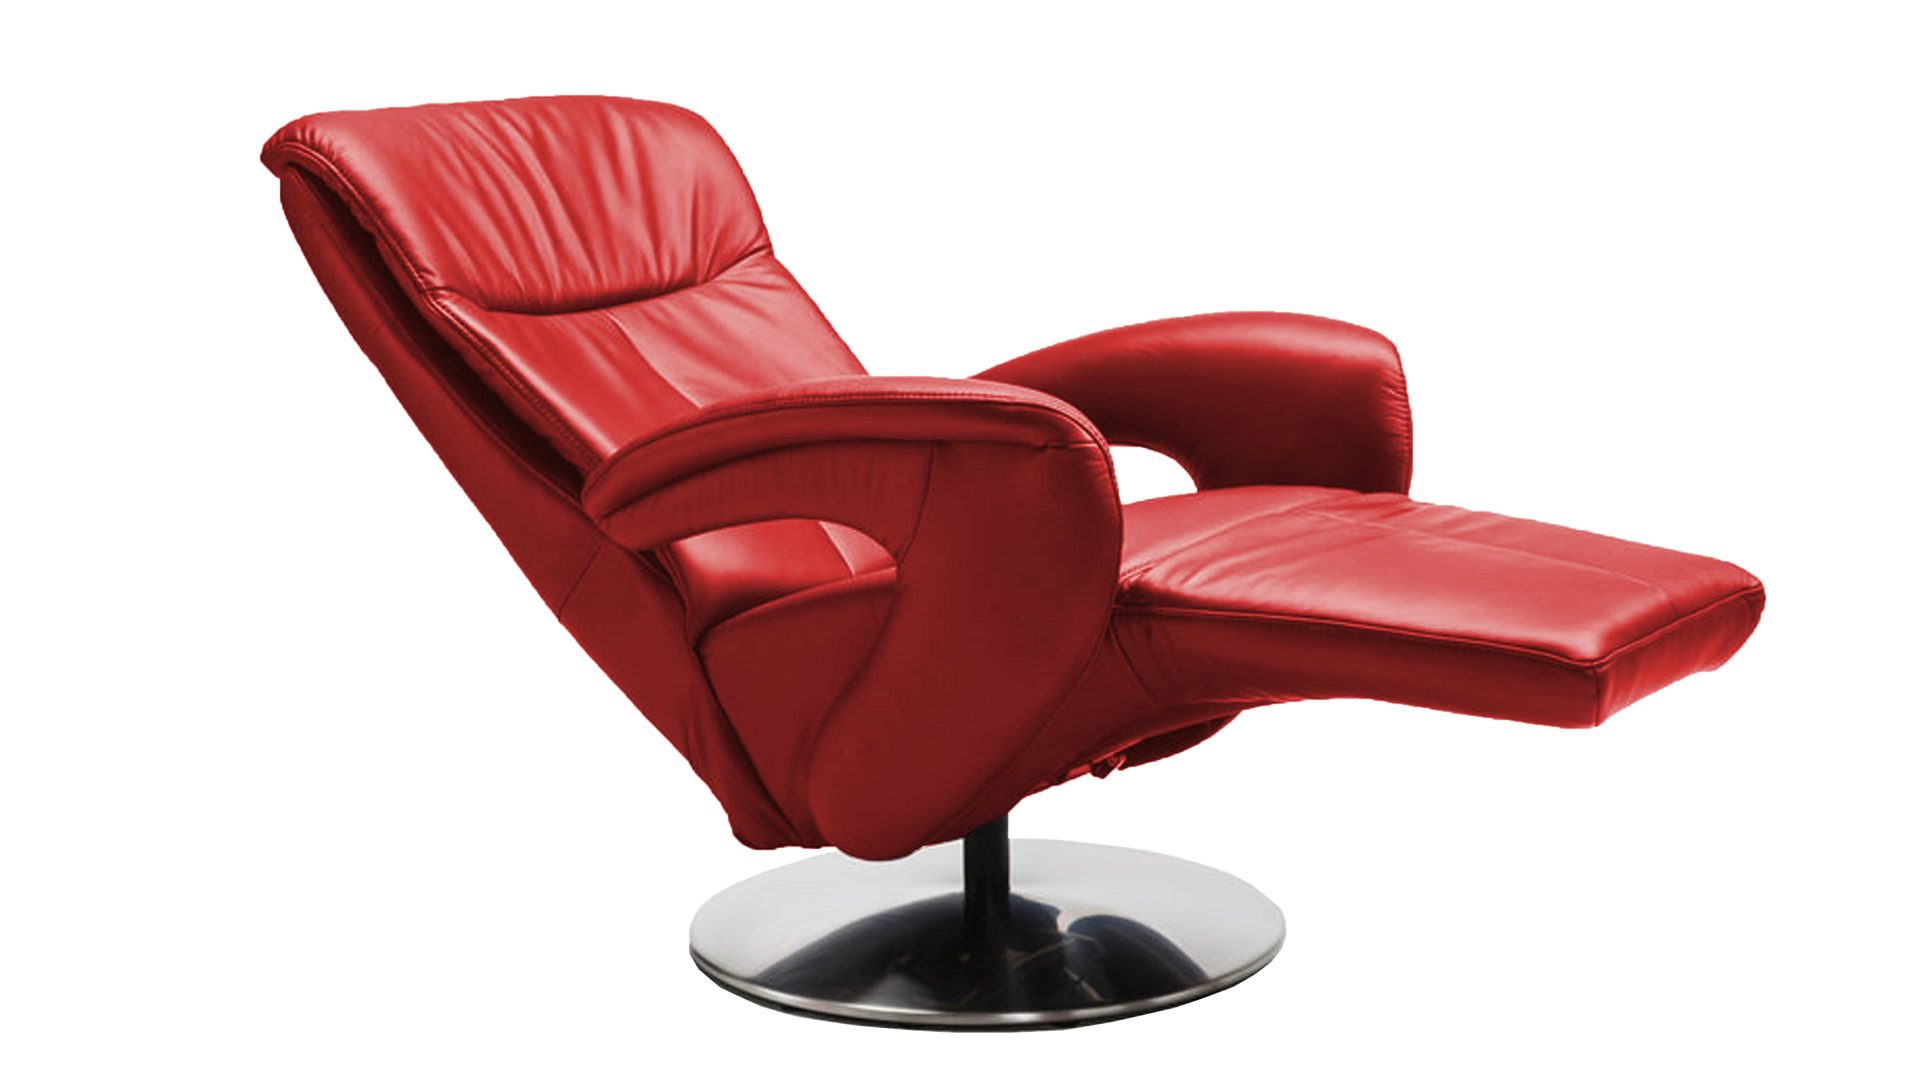 Relaxsessel Mit Liegefunktion Design Wohnland Breitwieser | Startseite |  Comfortmaster Design Sessel .